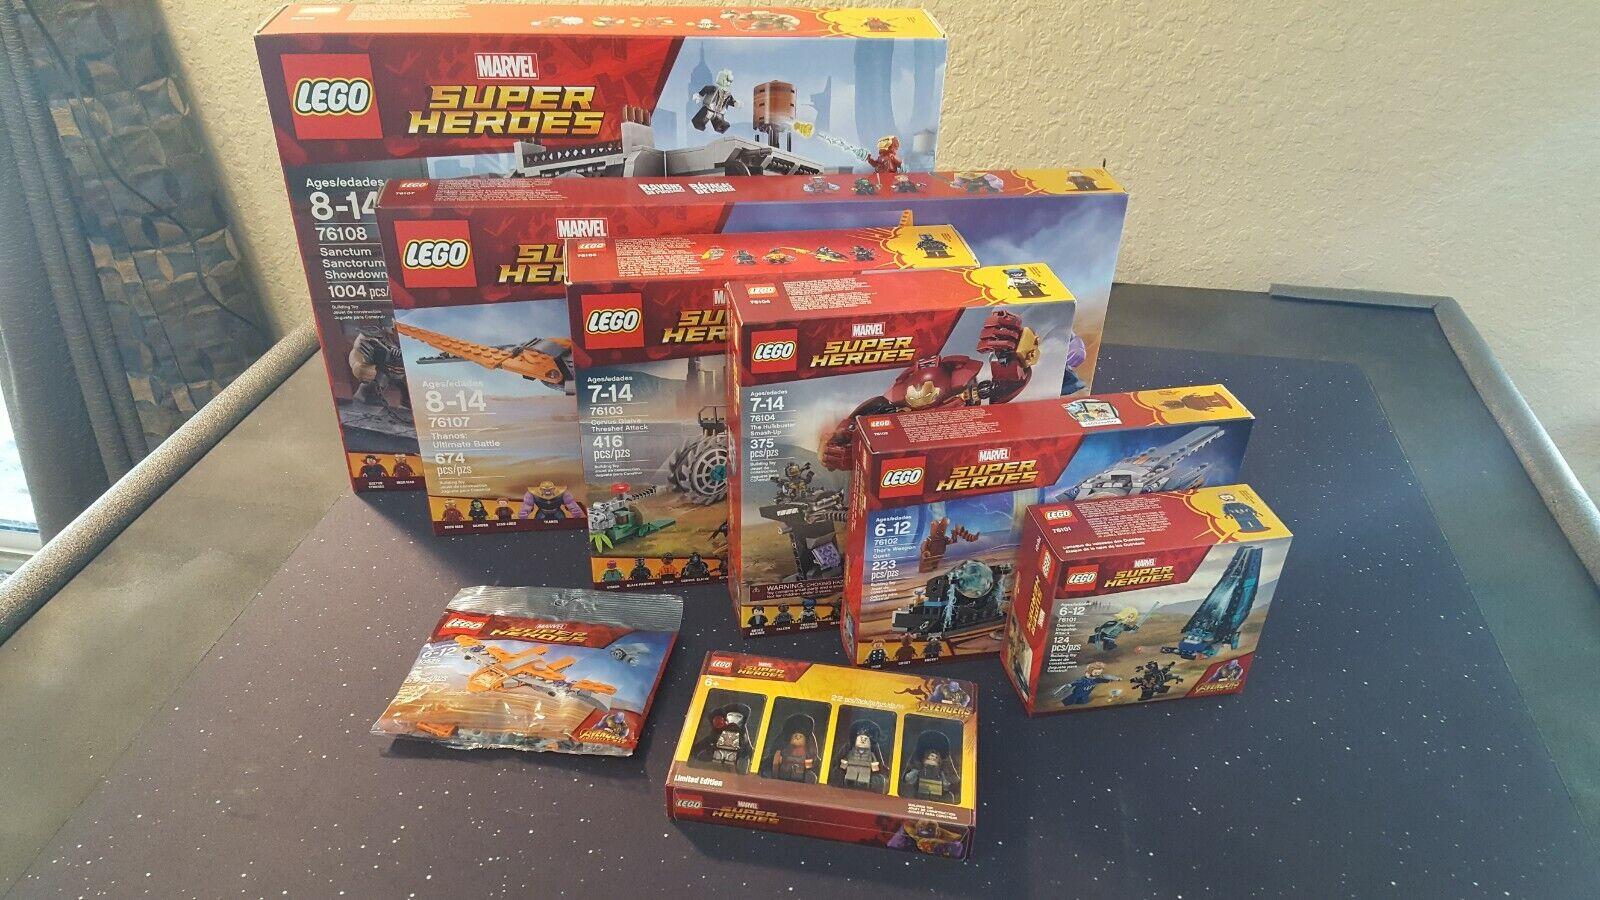 LEGO 5005256 76108 76107 76104 76103 76102 76101 30525 Avengers Infinity War